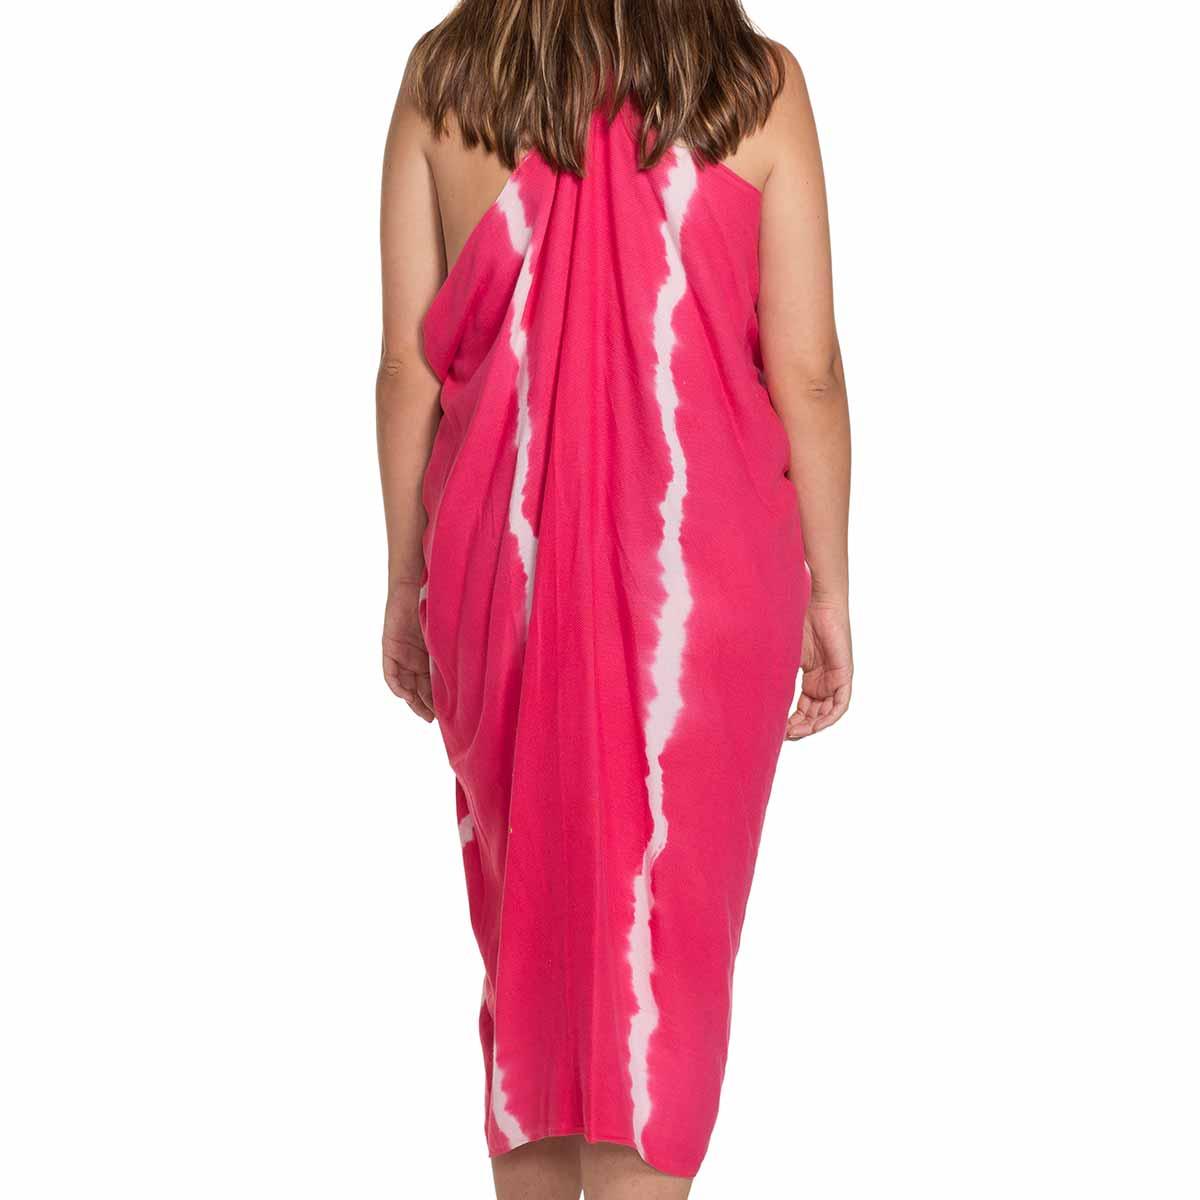 Pareo - Tie Dye / Fucshia